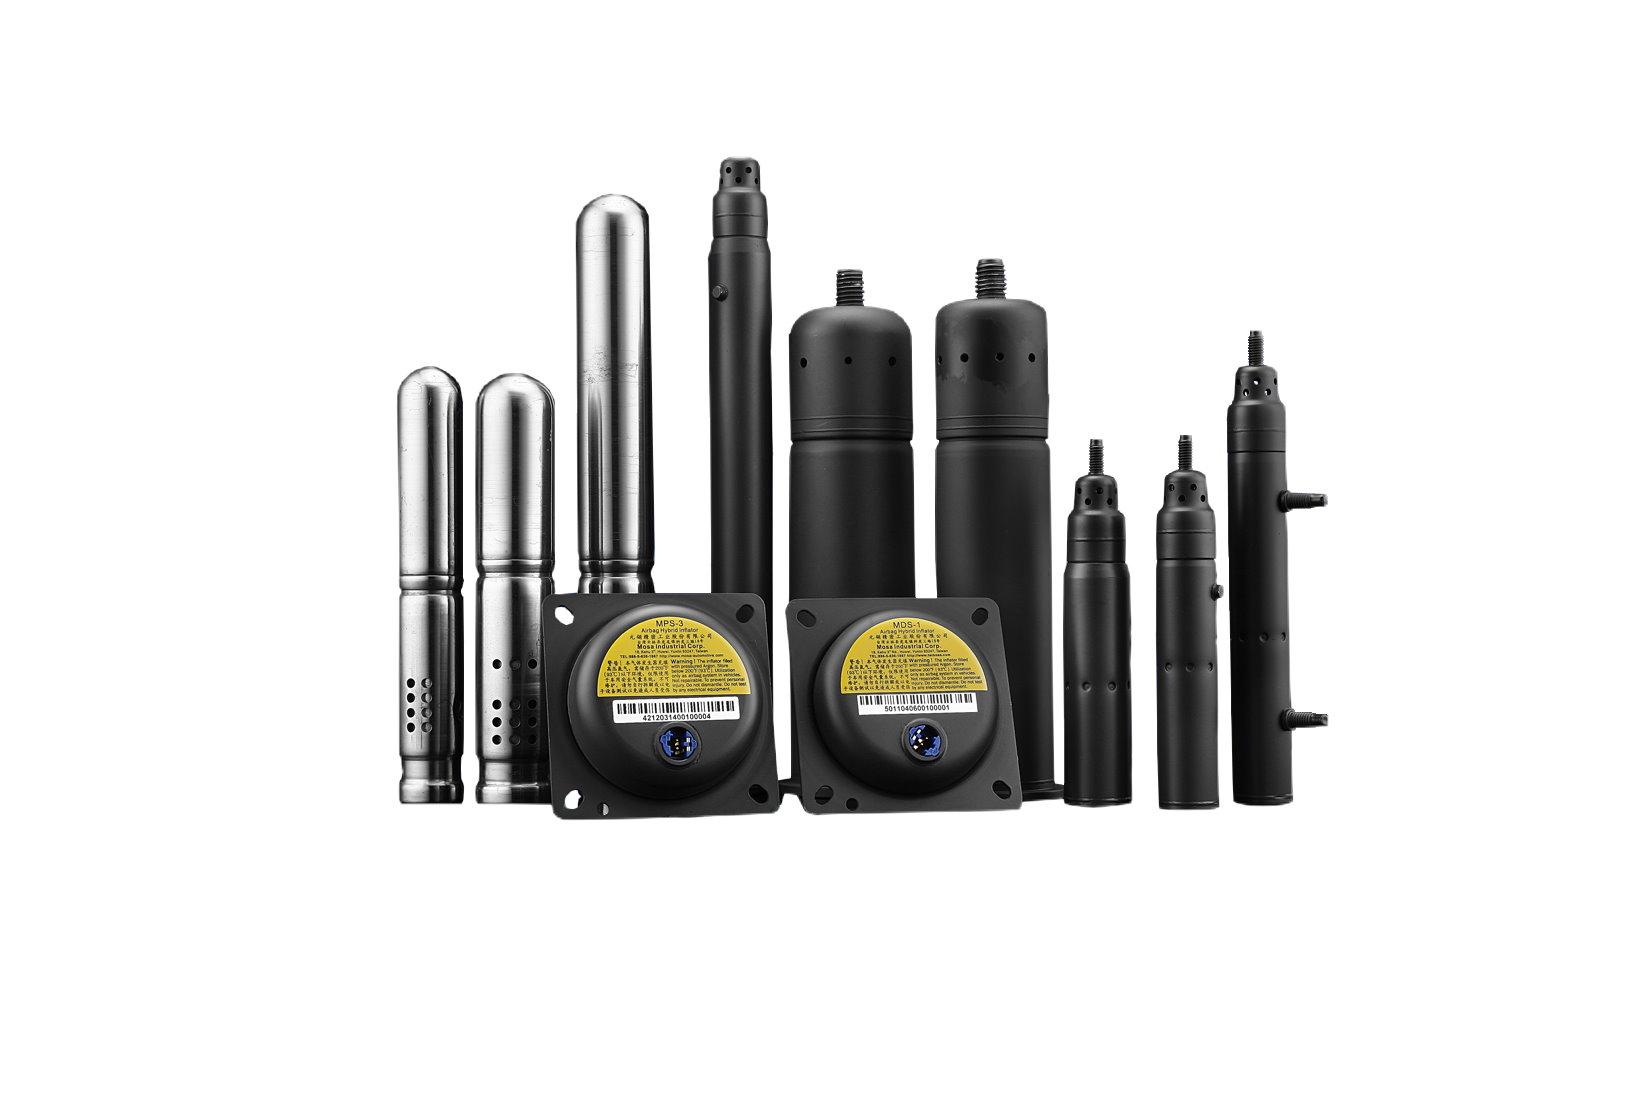 安全氣囊混合型充氣器 / 元翎精密工業股份有限公司